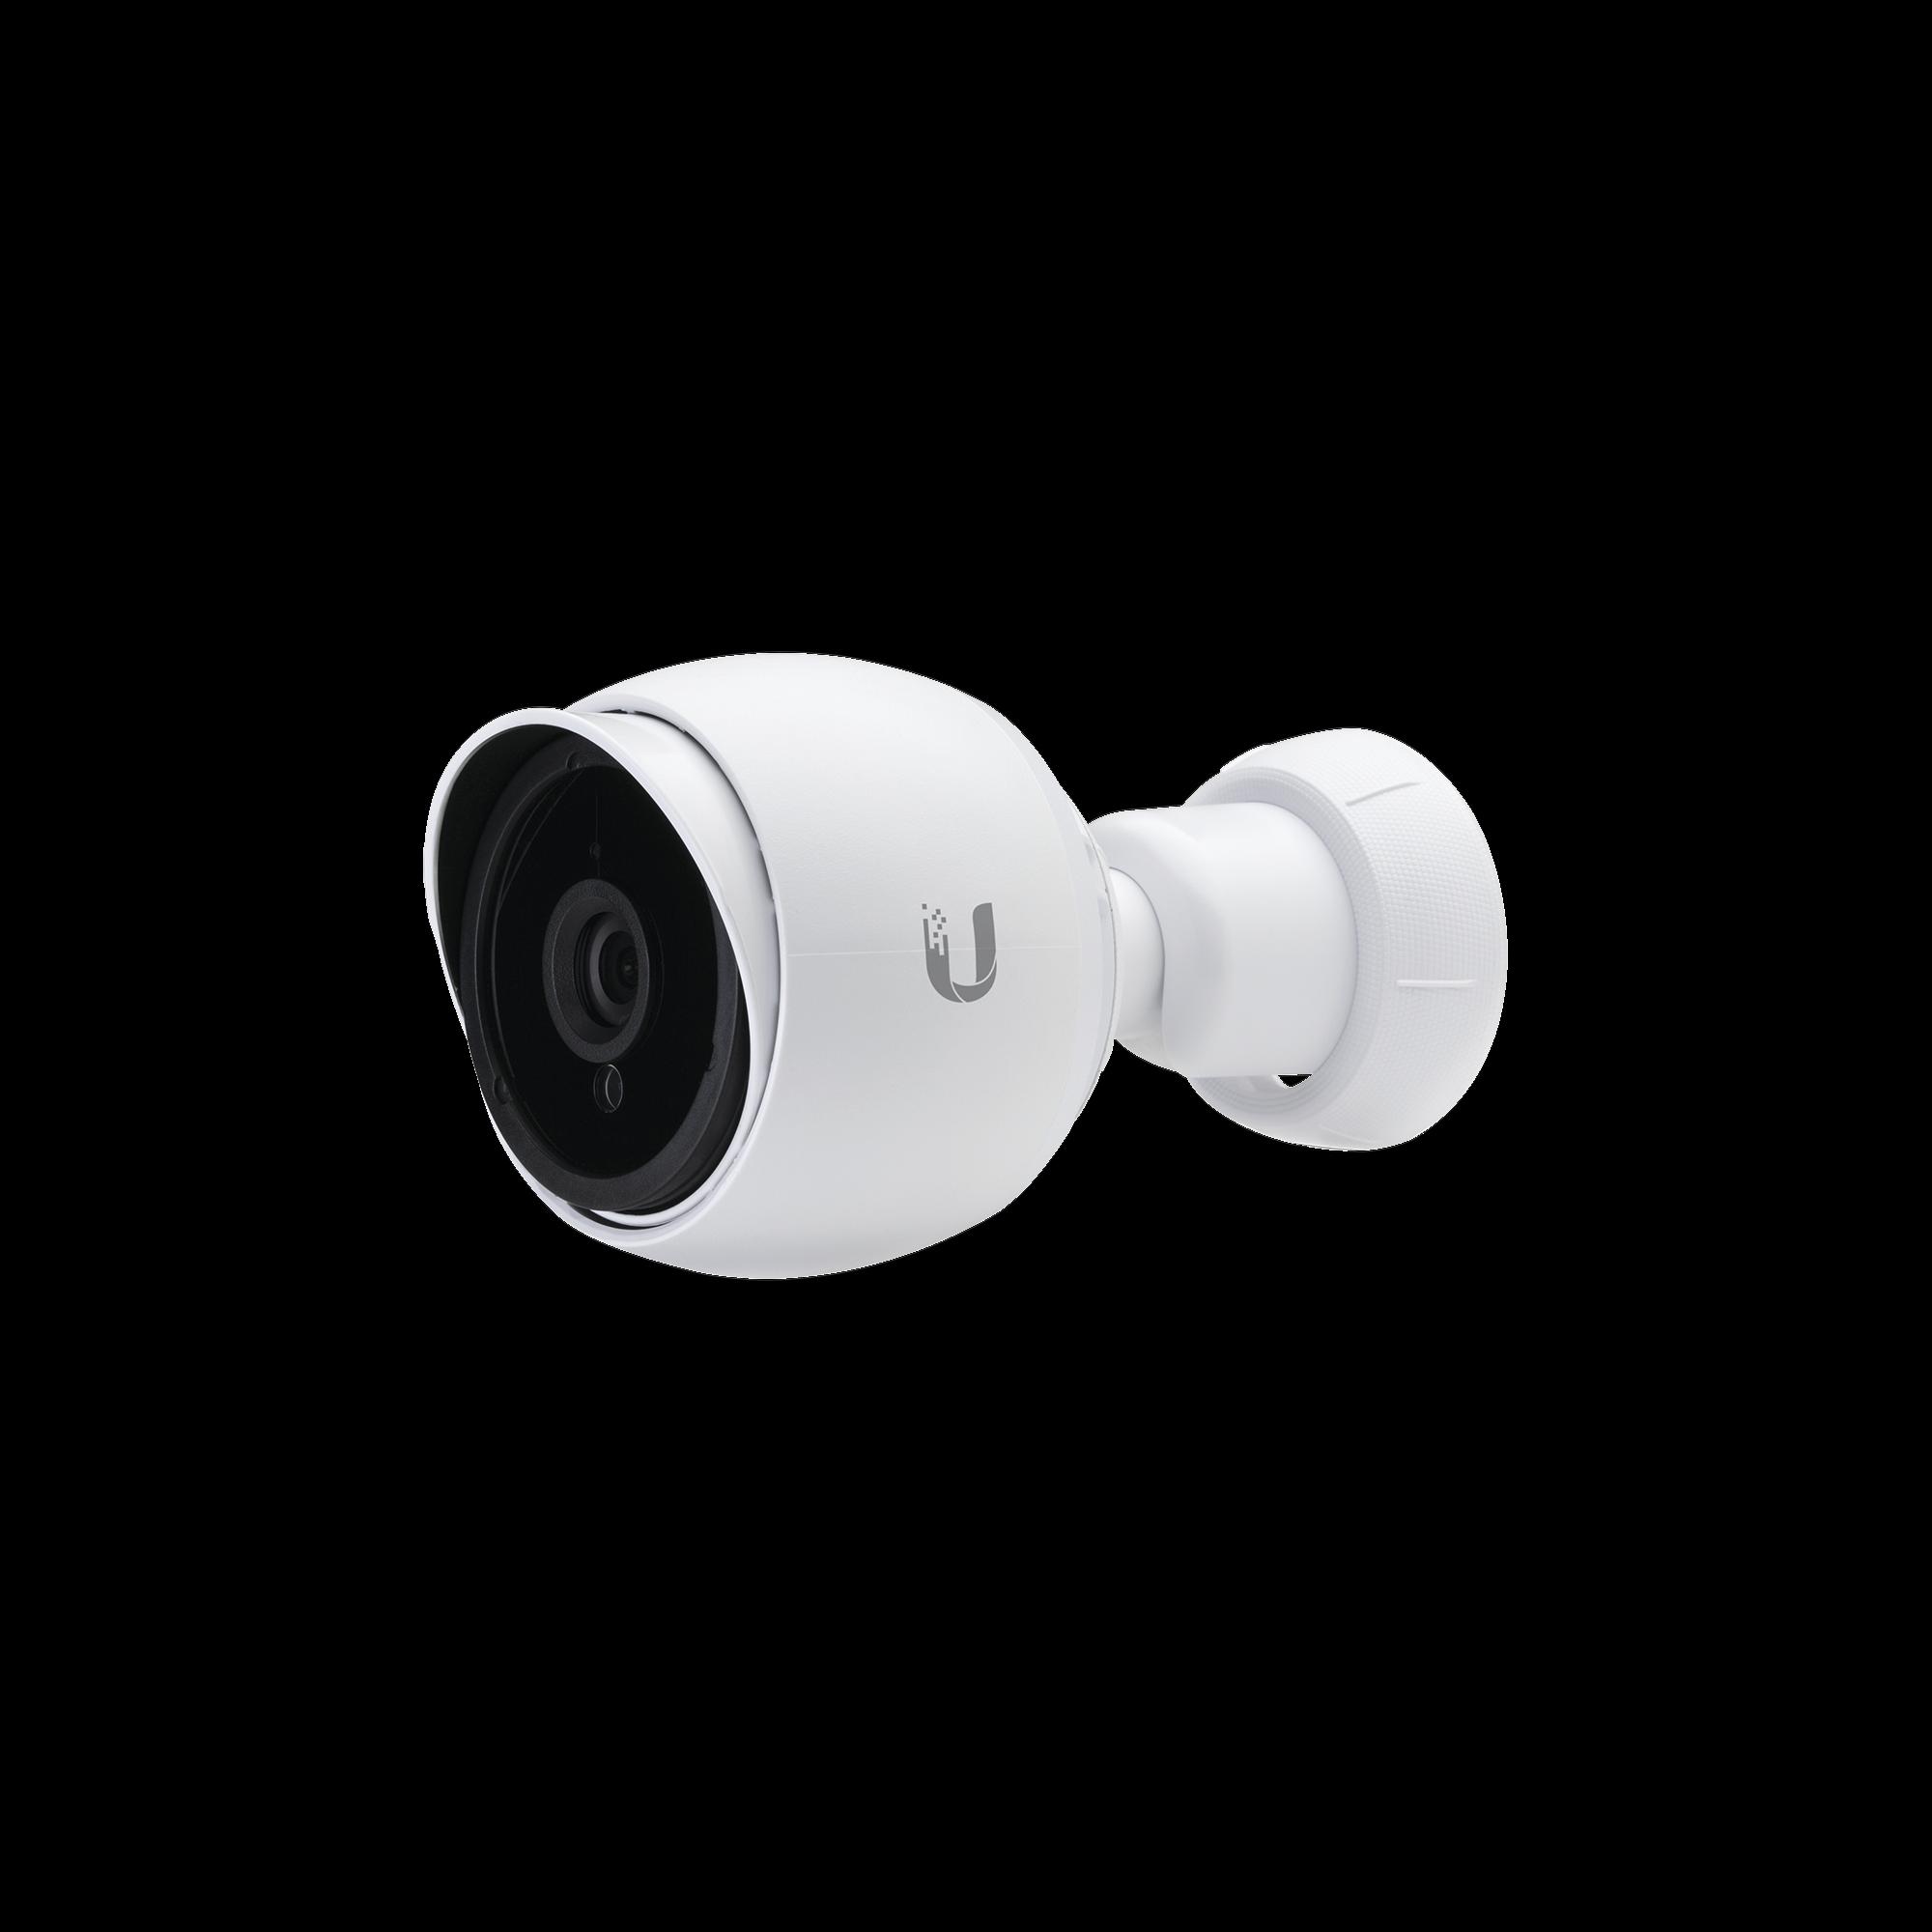 Cámara IP UniFi G3 BULLET de 2mp para interior y exterior con micrófono y vista nocturna, PoE 802.3af o pasivo 24V